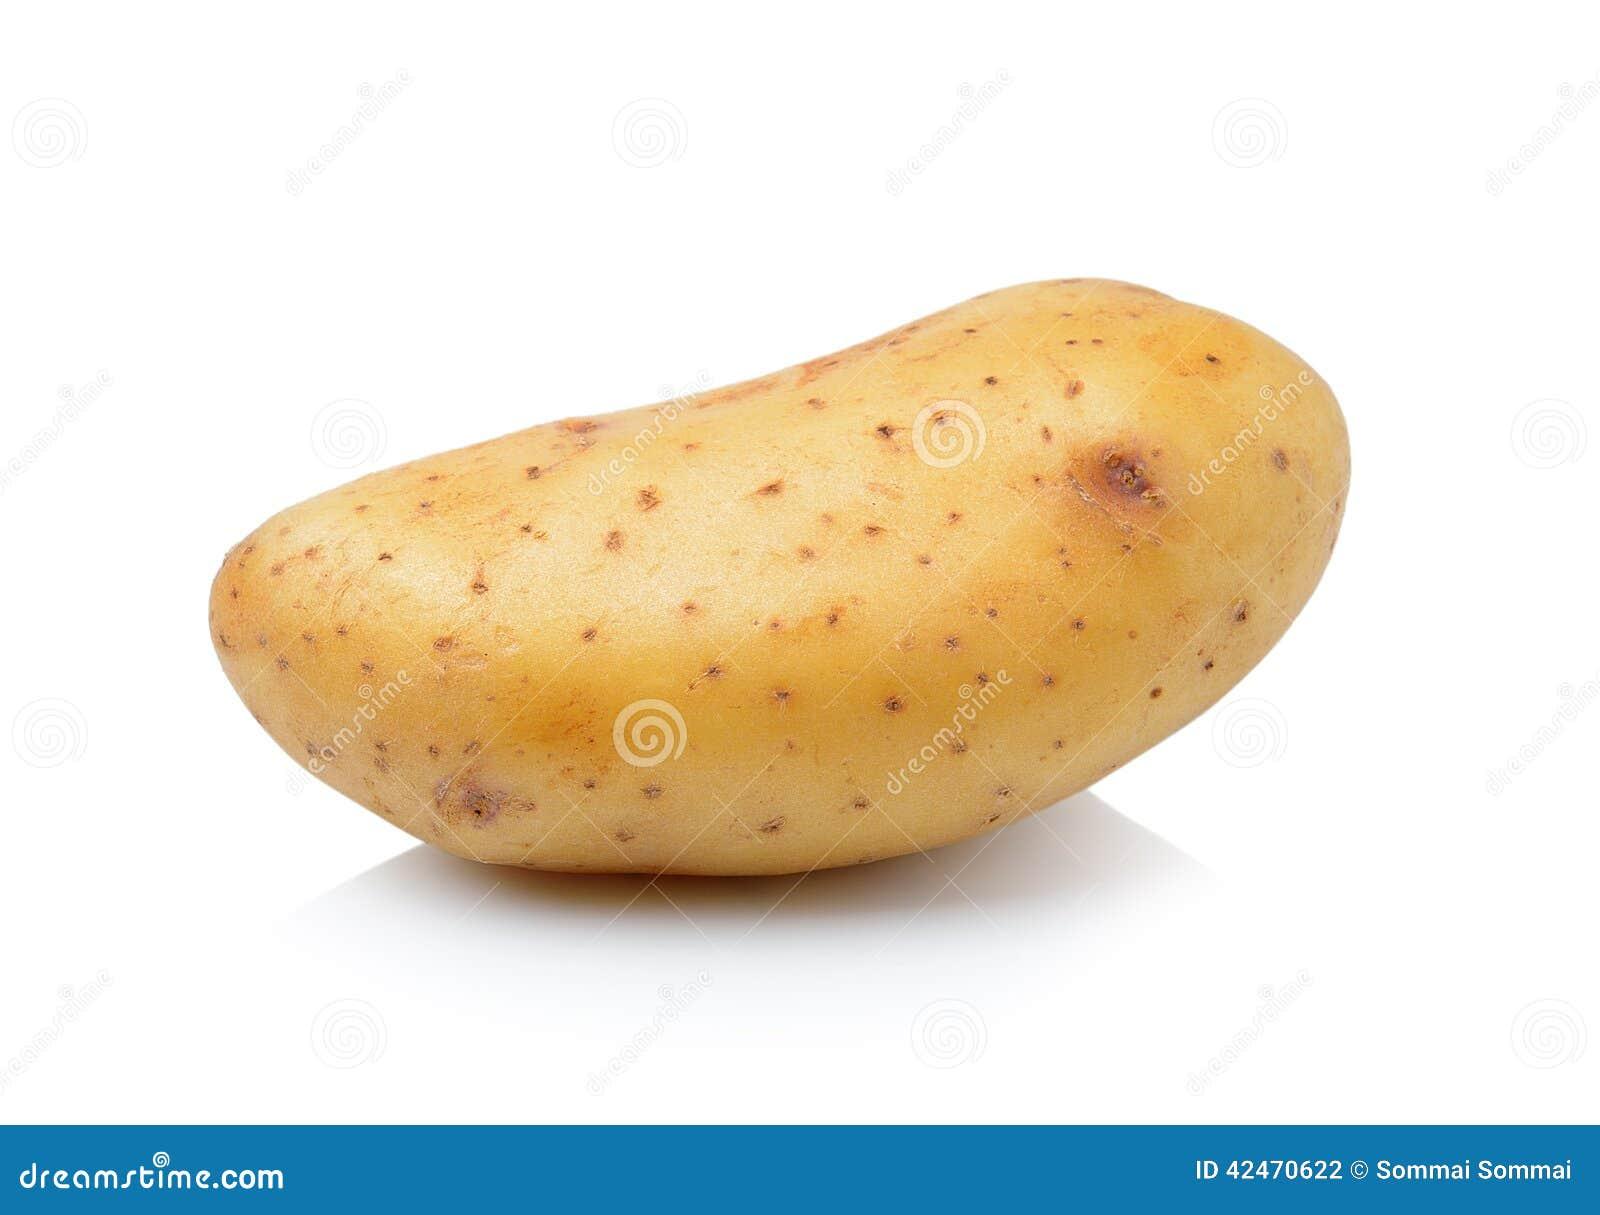 Kartoffel getrennt auf weißem Hintergrund